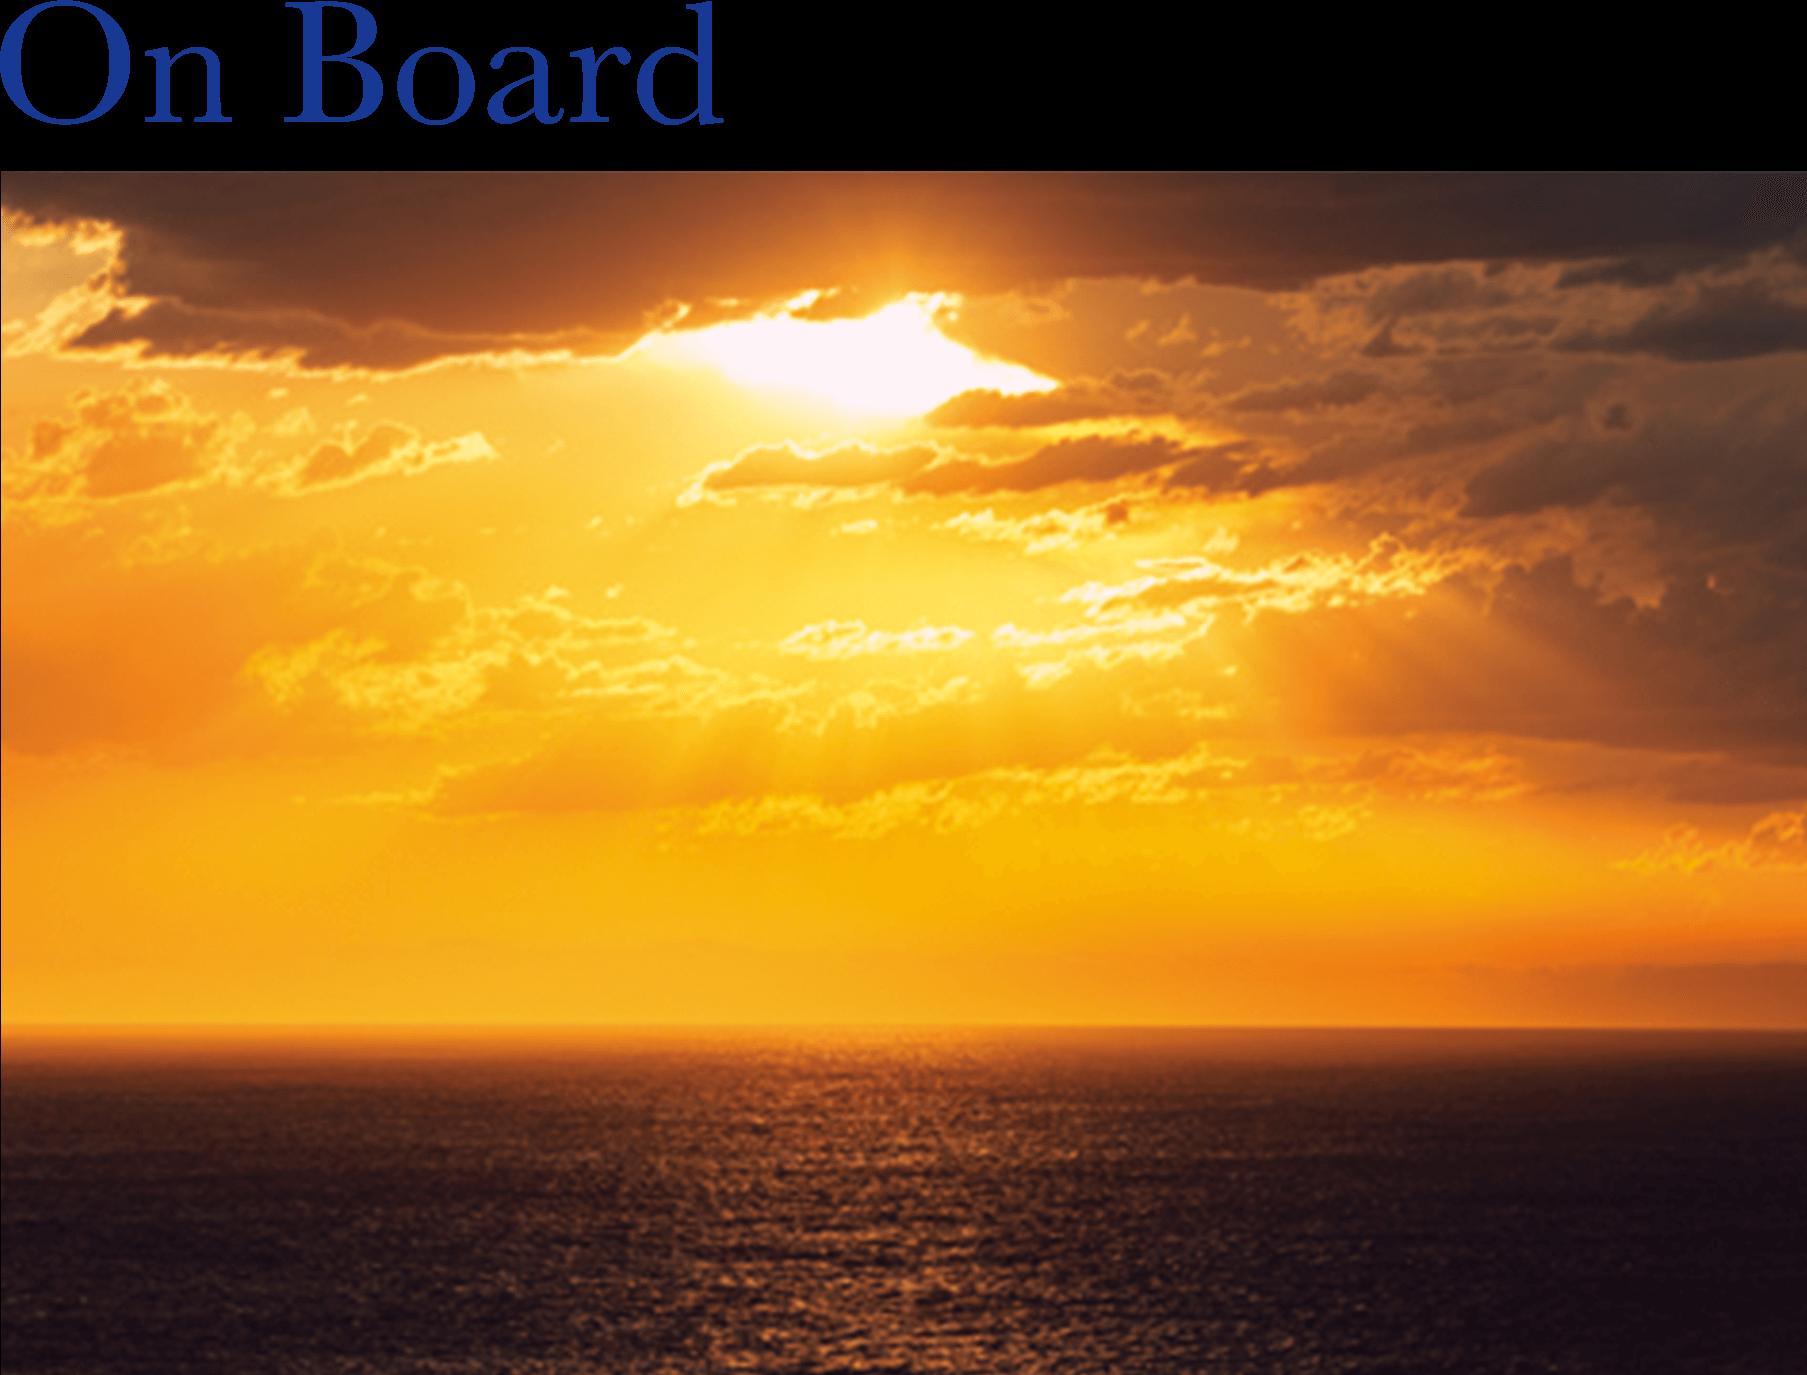 2022年 オセアニアグランドクルーズ On Board 船上の夕陽 詳細情報